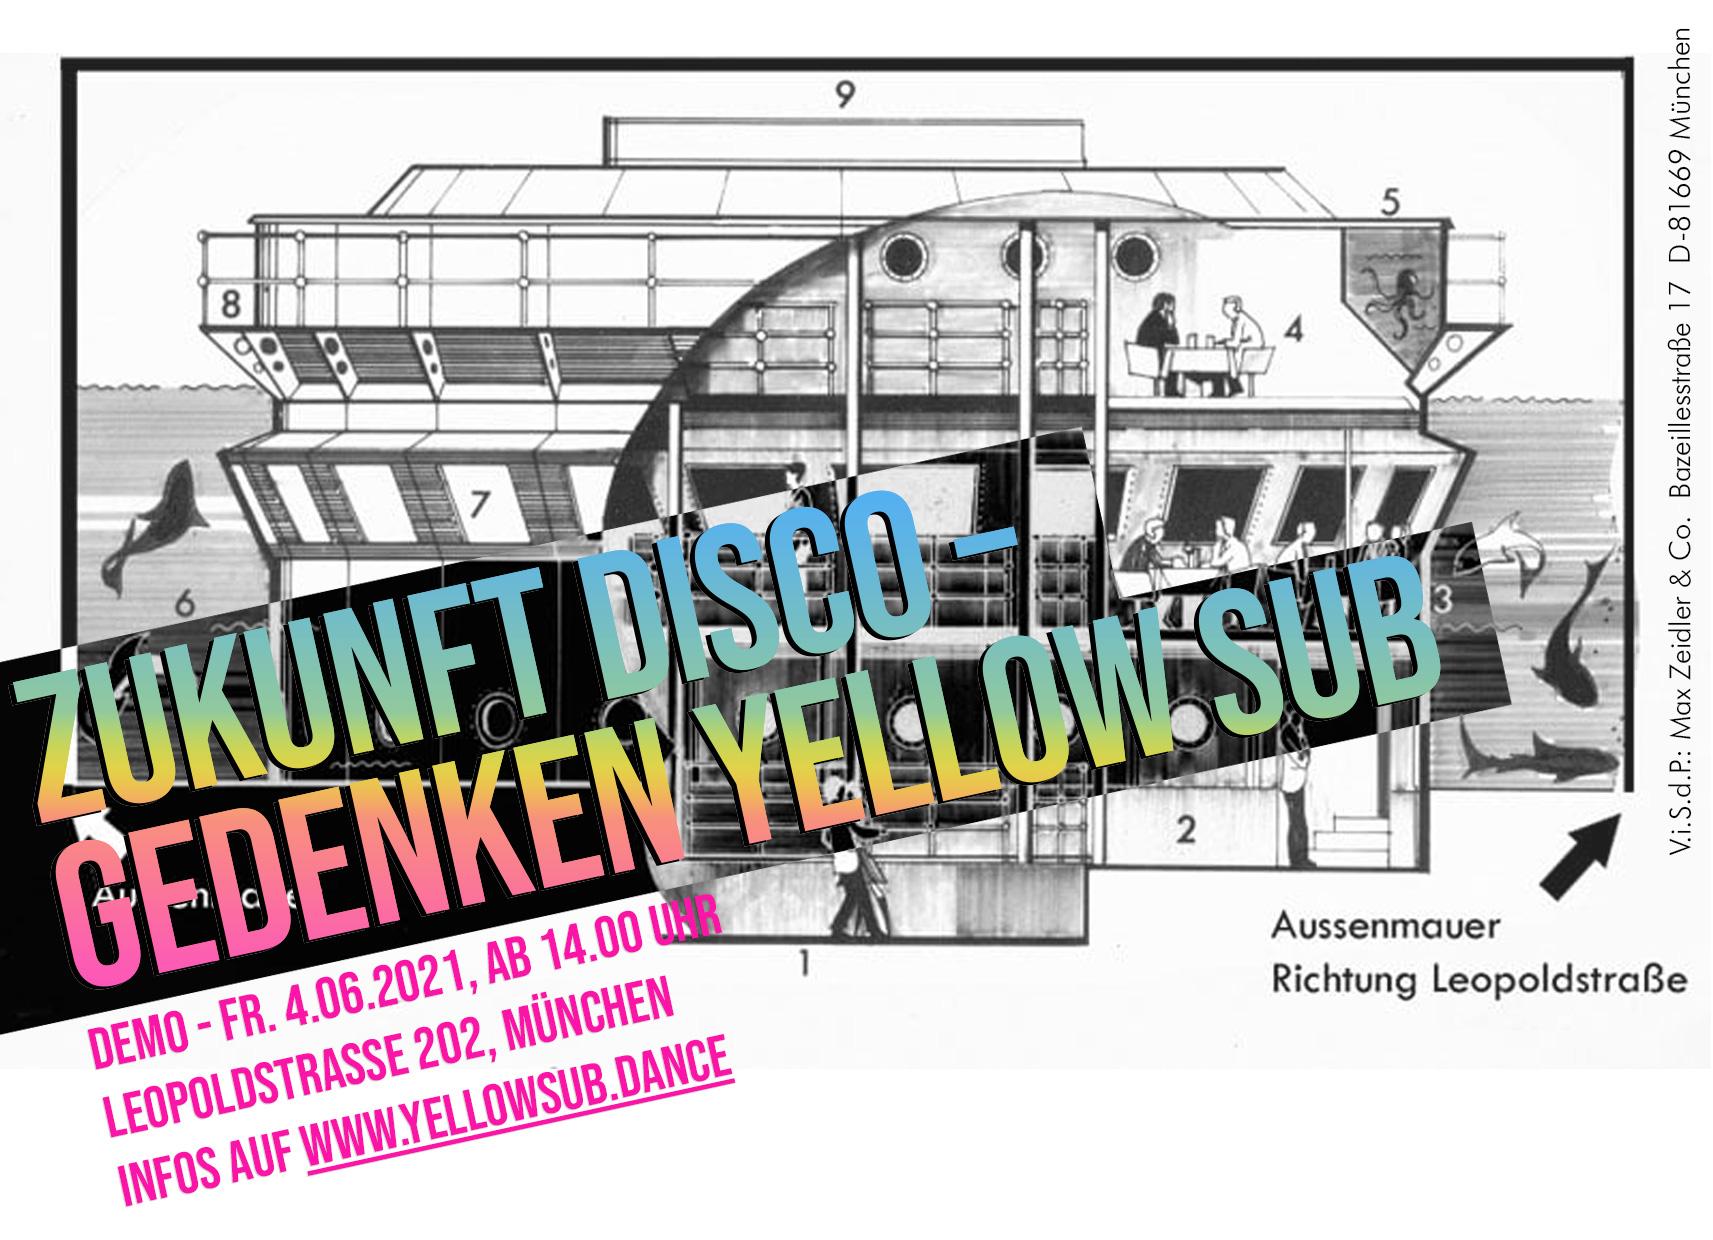 ZUKUNFT DISCO - Gedenken YELLOW SUB, Demo - Fr. 4.06.2021, Ab 14.00 Uhr, Leopoldstrasse 202, München, Infos auf www.yellowsub.dance